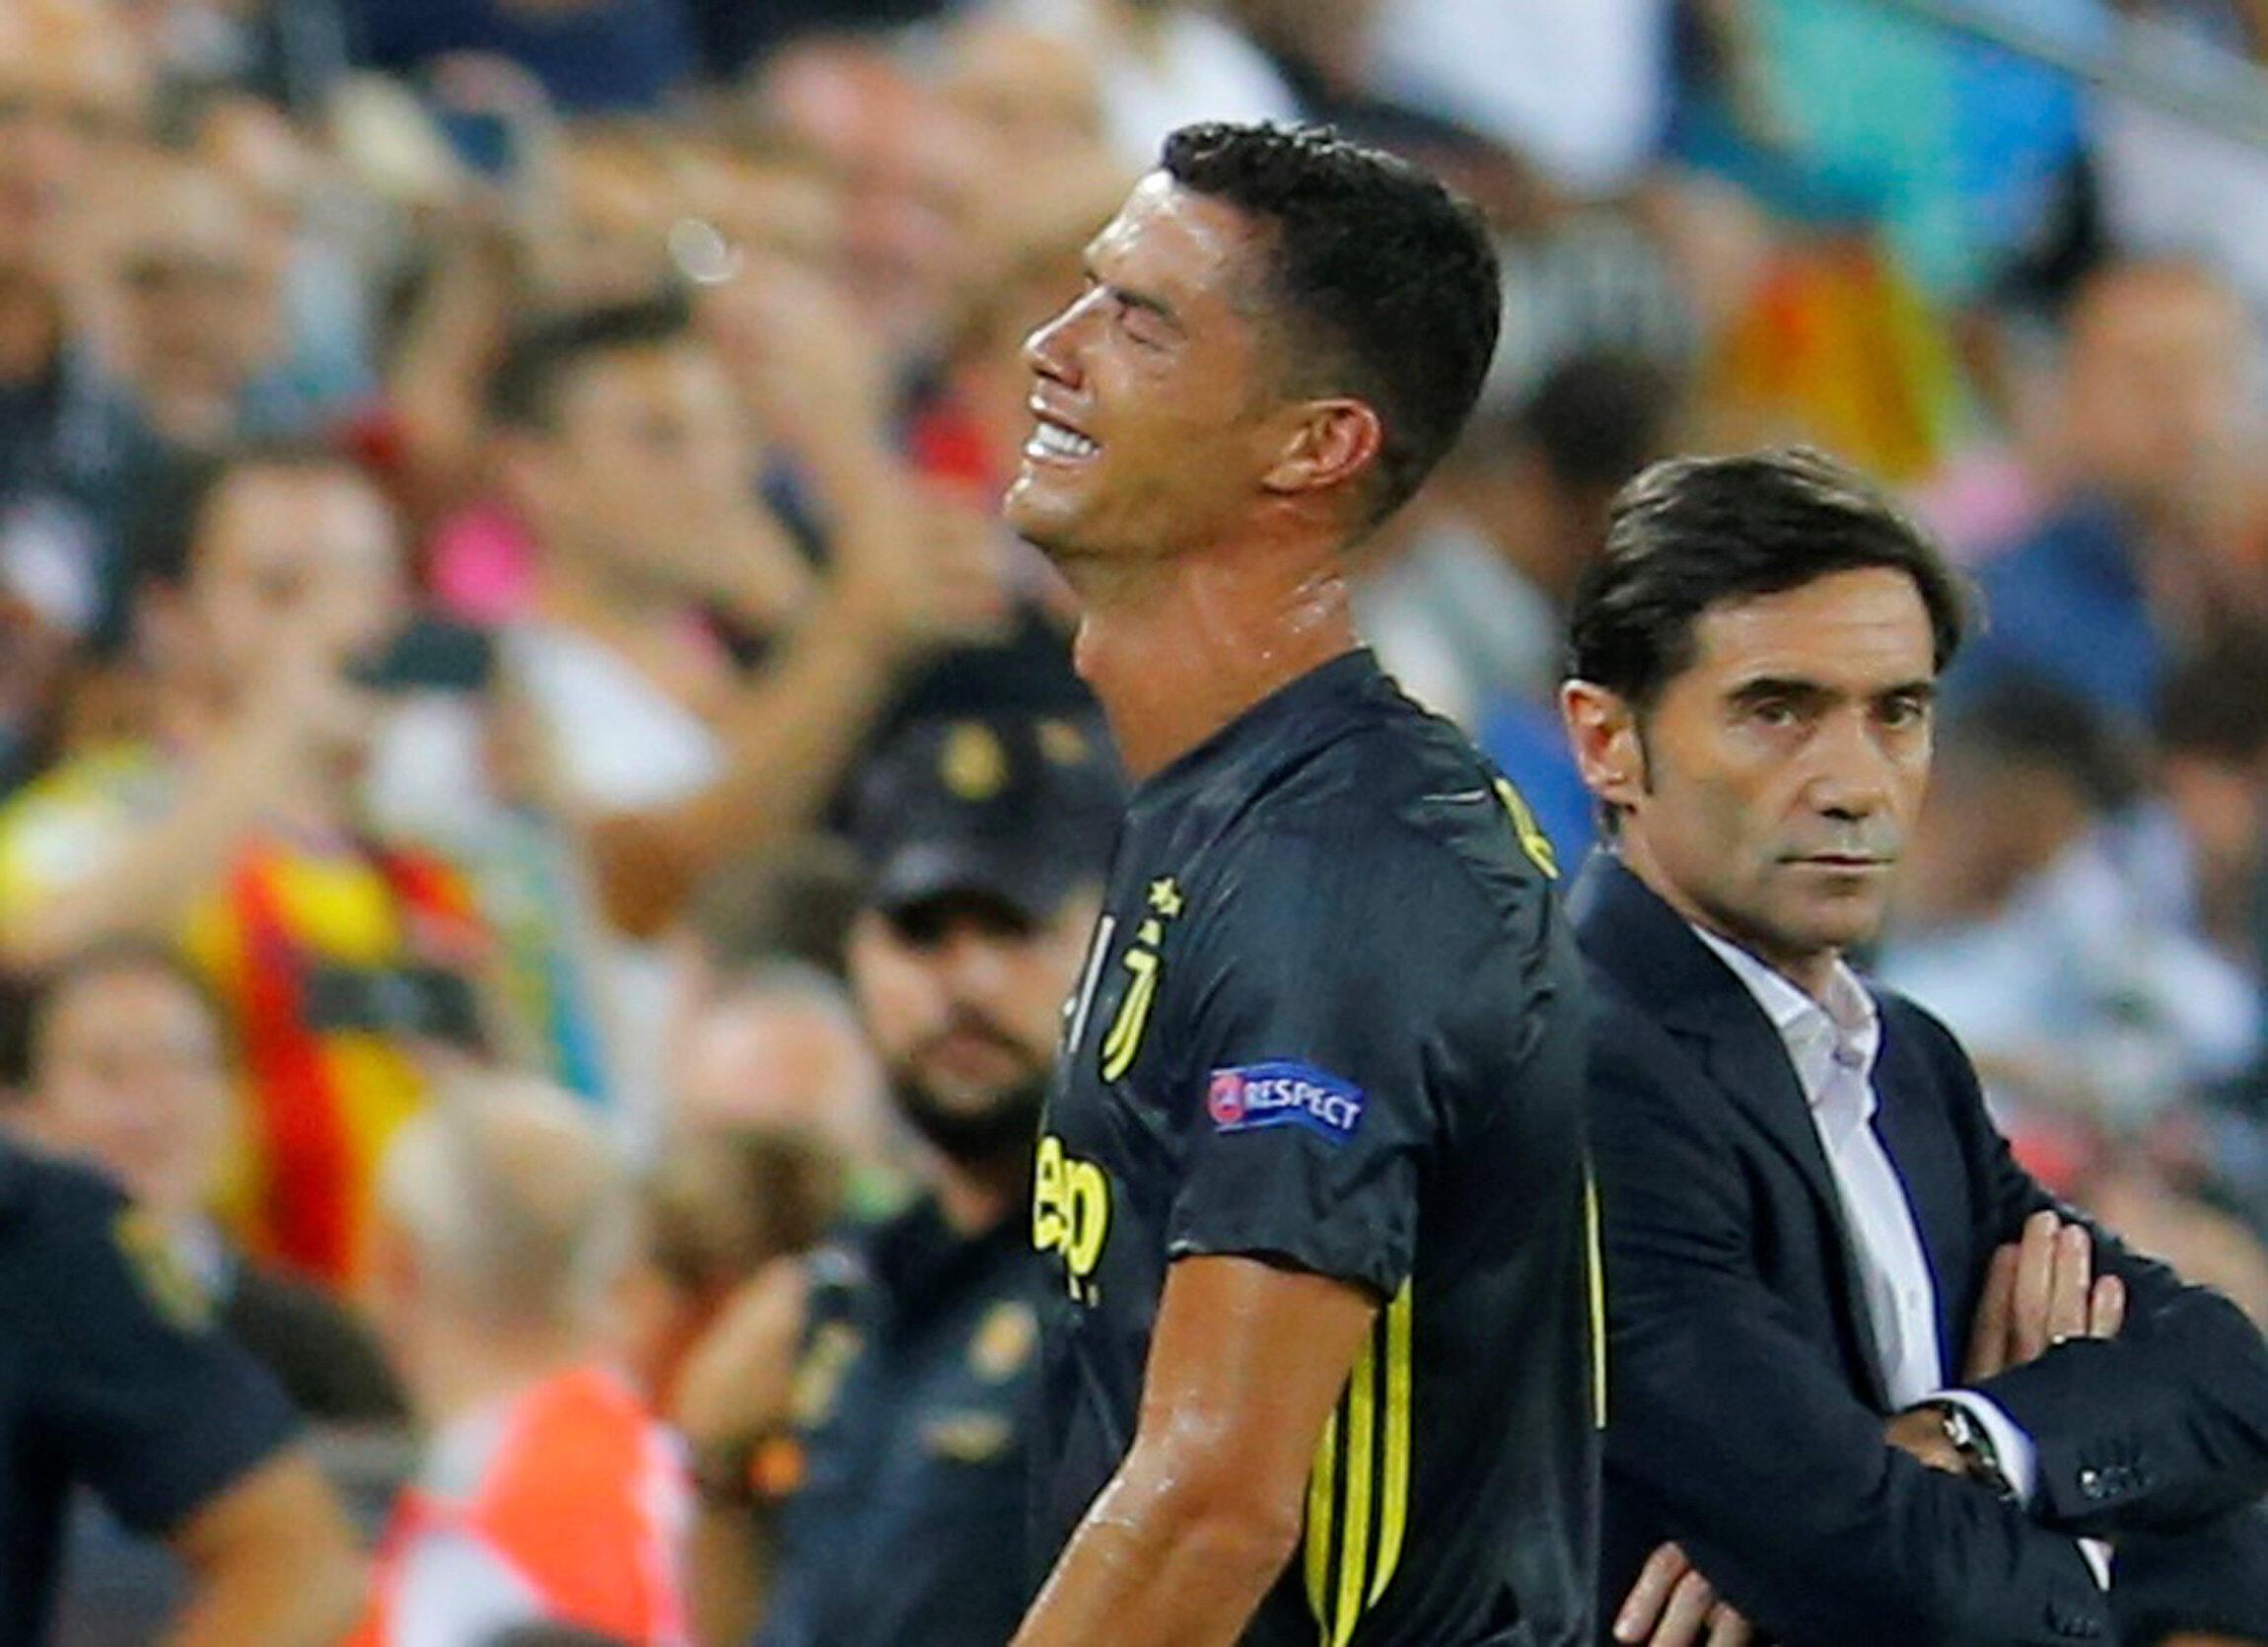 Cristiano Ronaldo en larmes au moment de son expulsion avec la Juventus à Valence, le 19 septembre 2018.